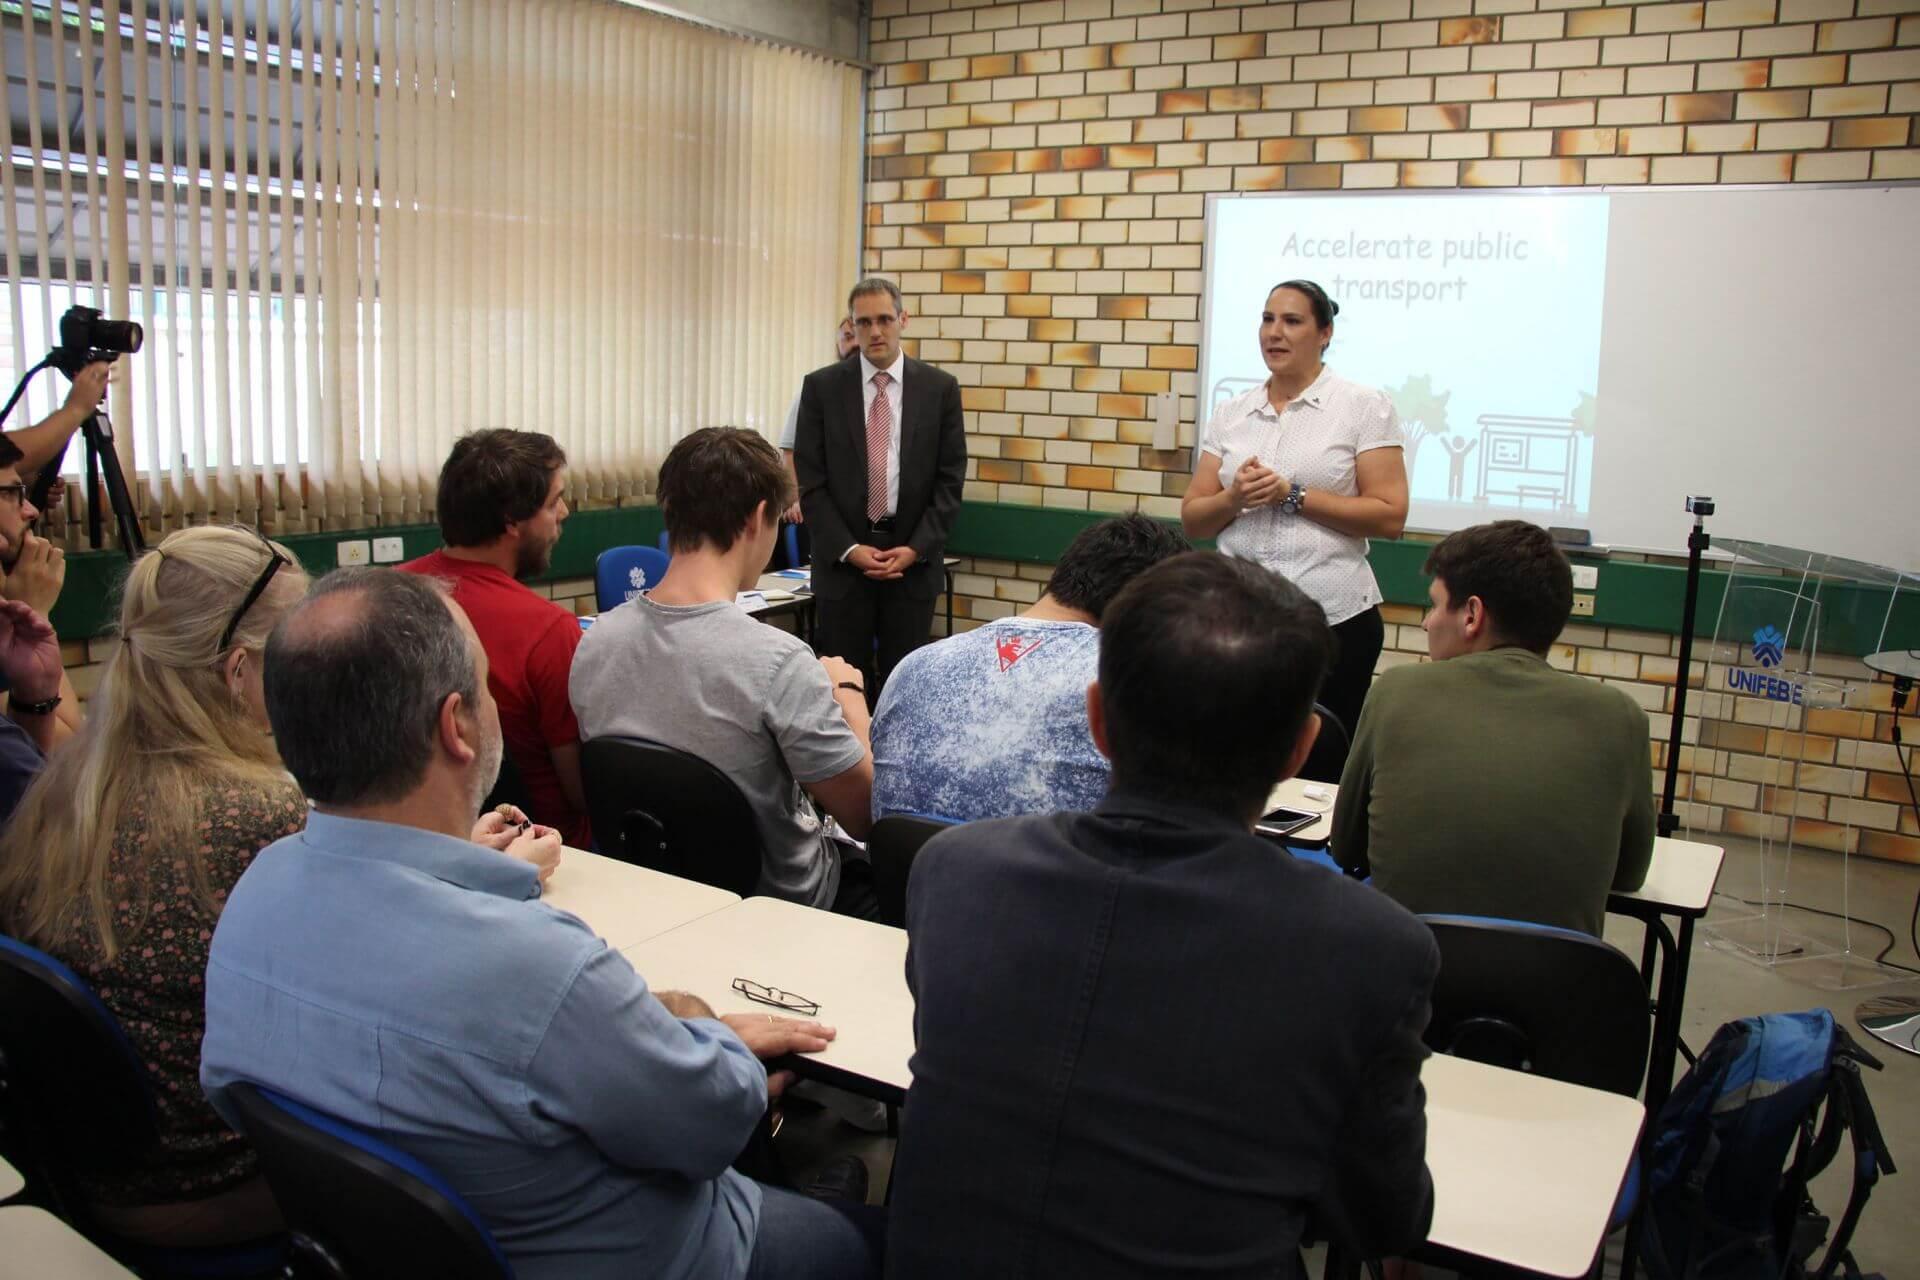 Estudantes apresentam resultados de workshop internacional de mobilidade sustentável